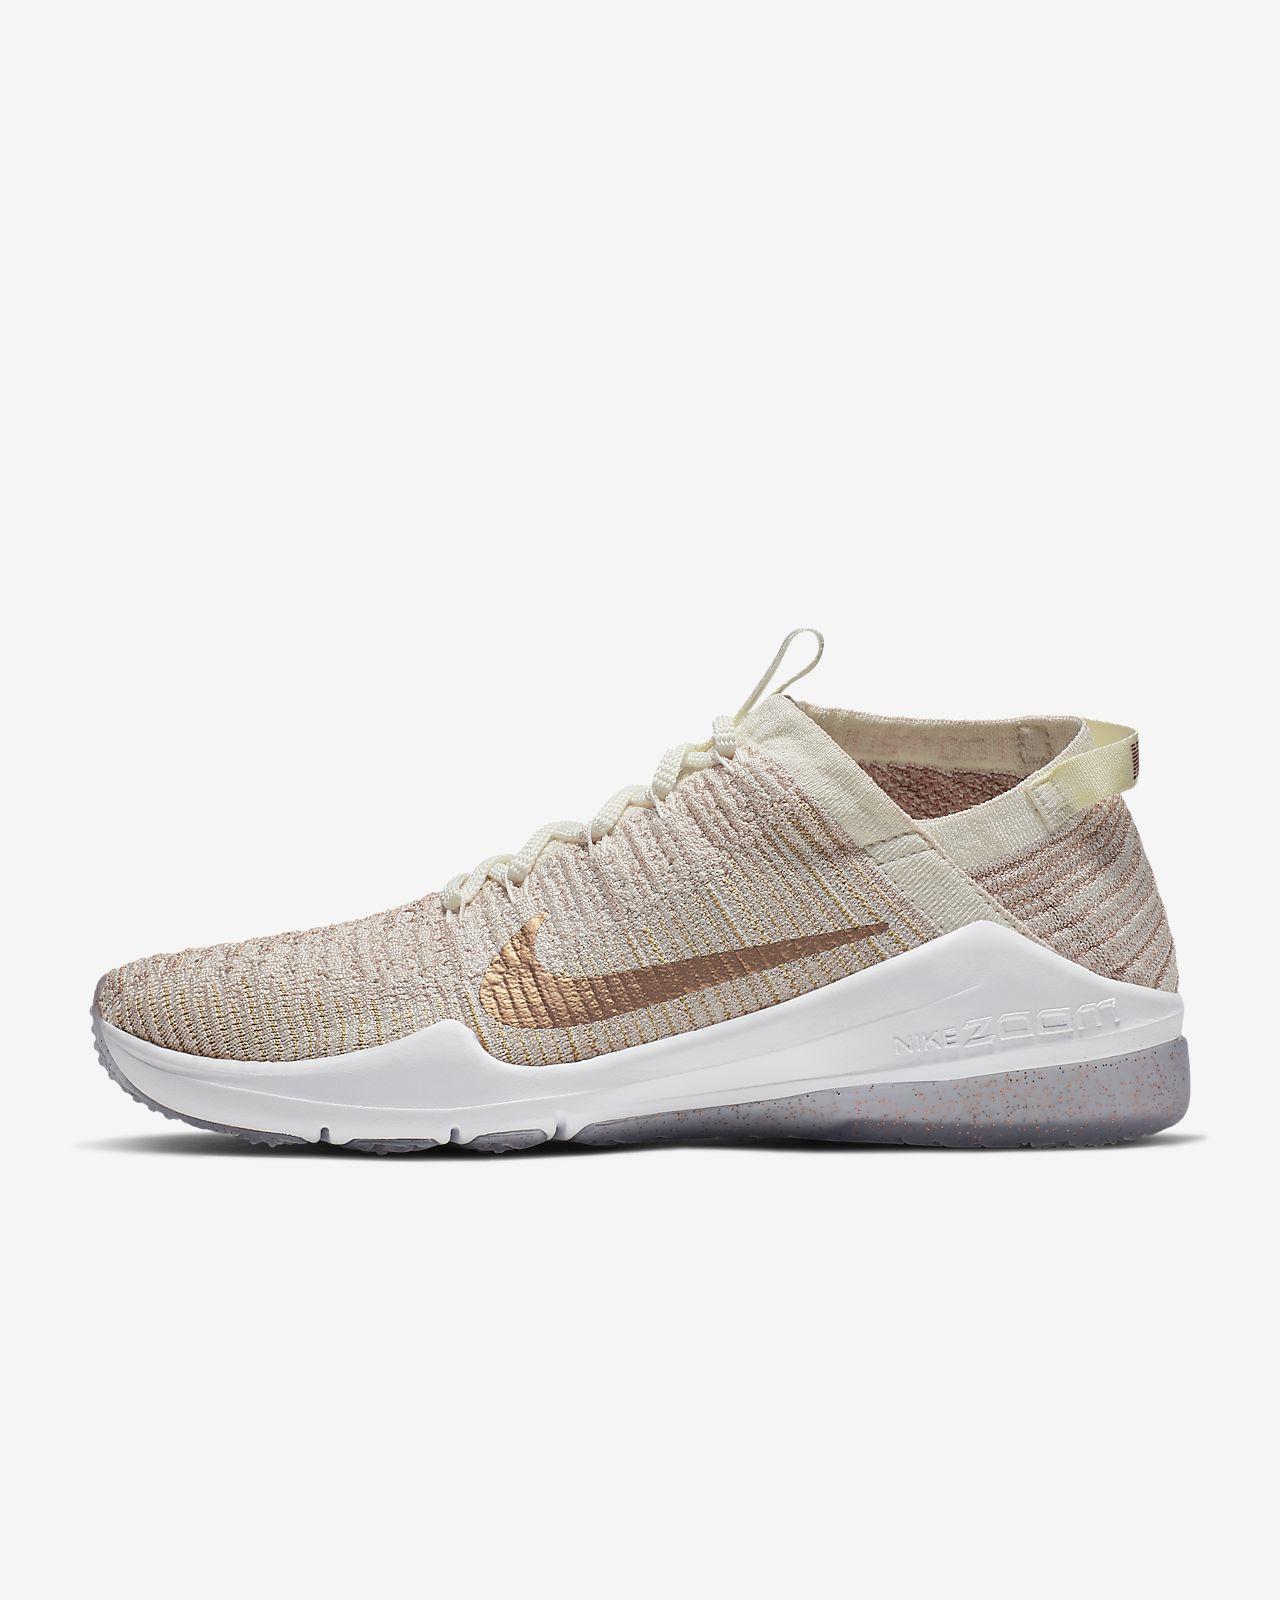 quality design 159eb 8b847 ... Nike Air Zoom Fearless Flyknit 2 Metallic-træningssko til kvinder